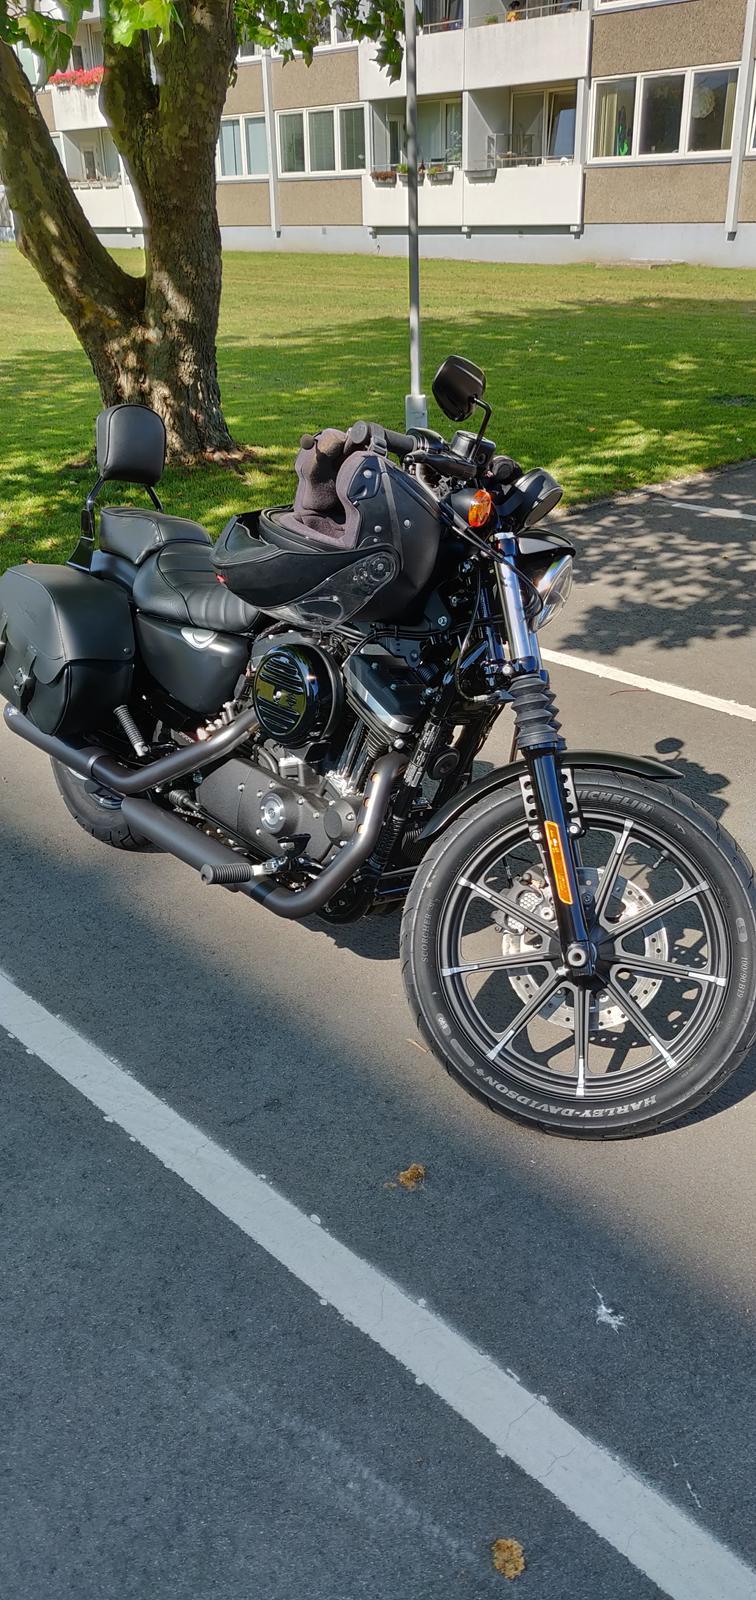 Harley Davidson XL883N billede 5